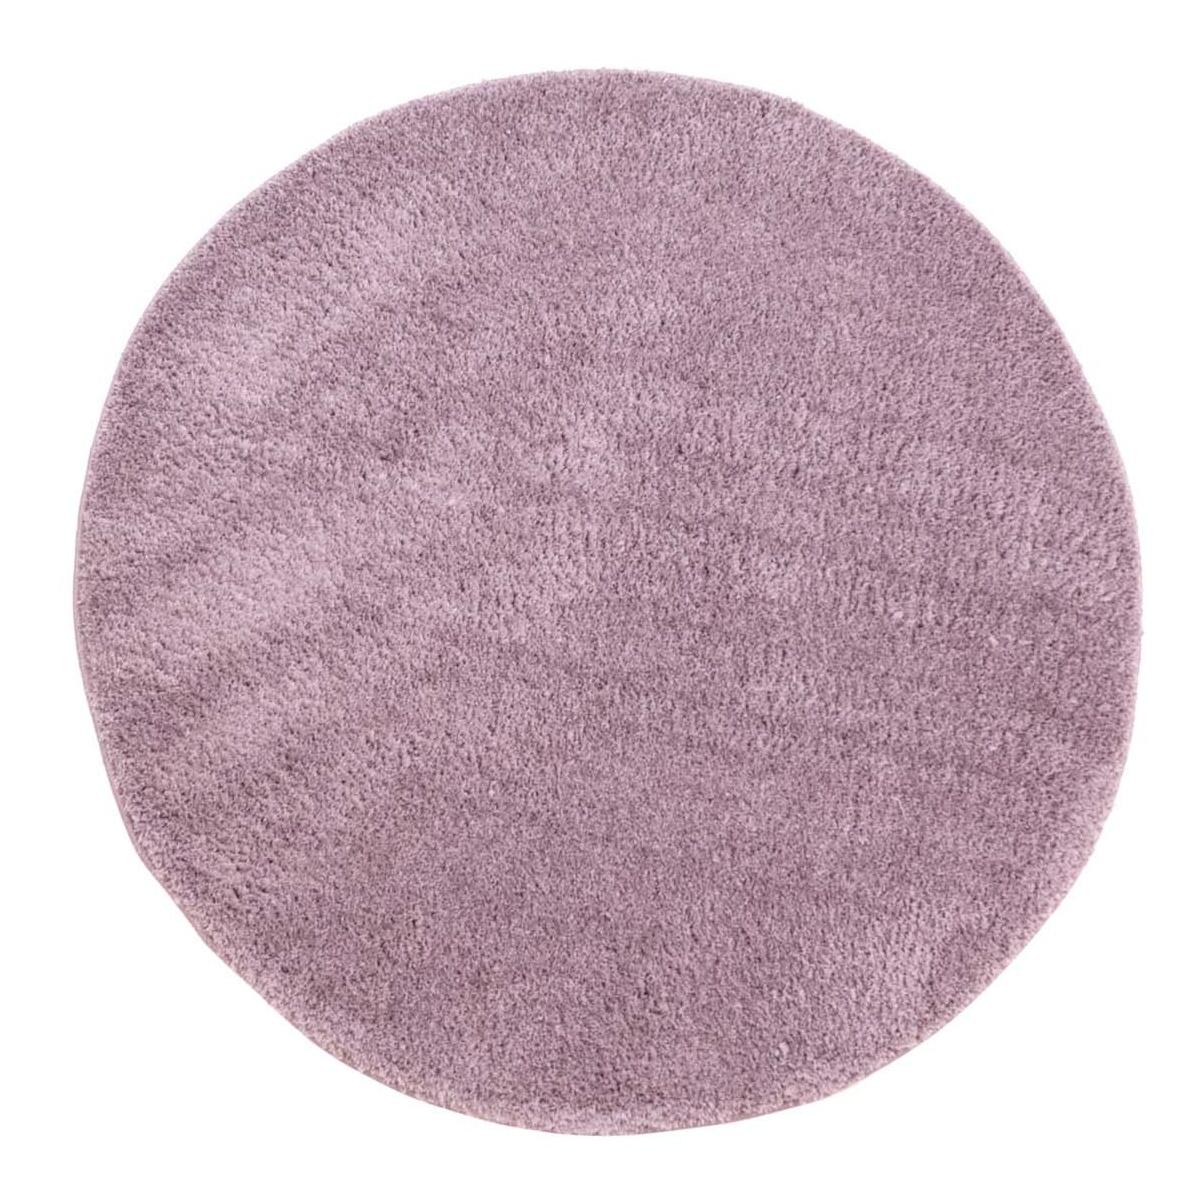 Tapis rond - Soft Shine (violet) - Trendcarpet.fr